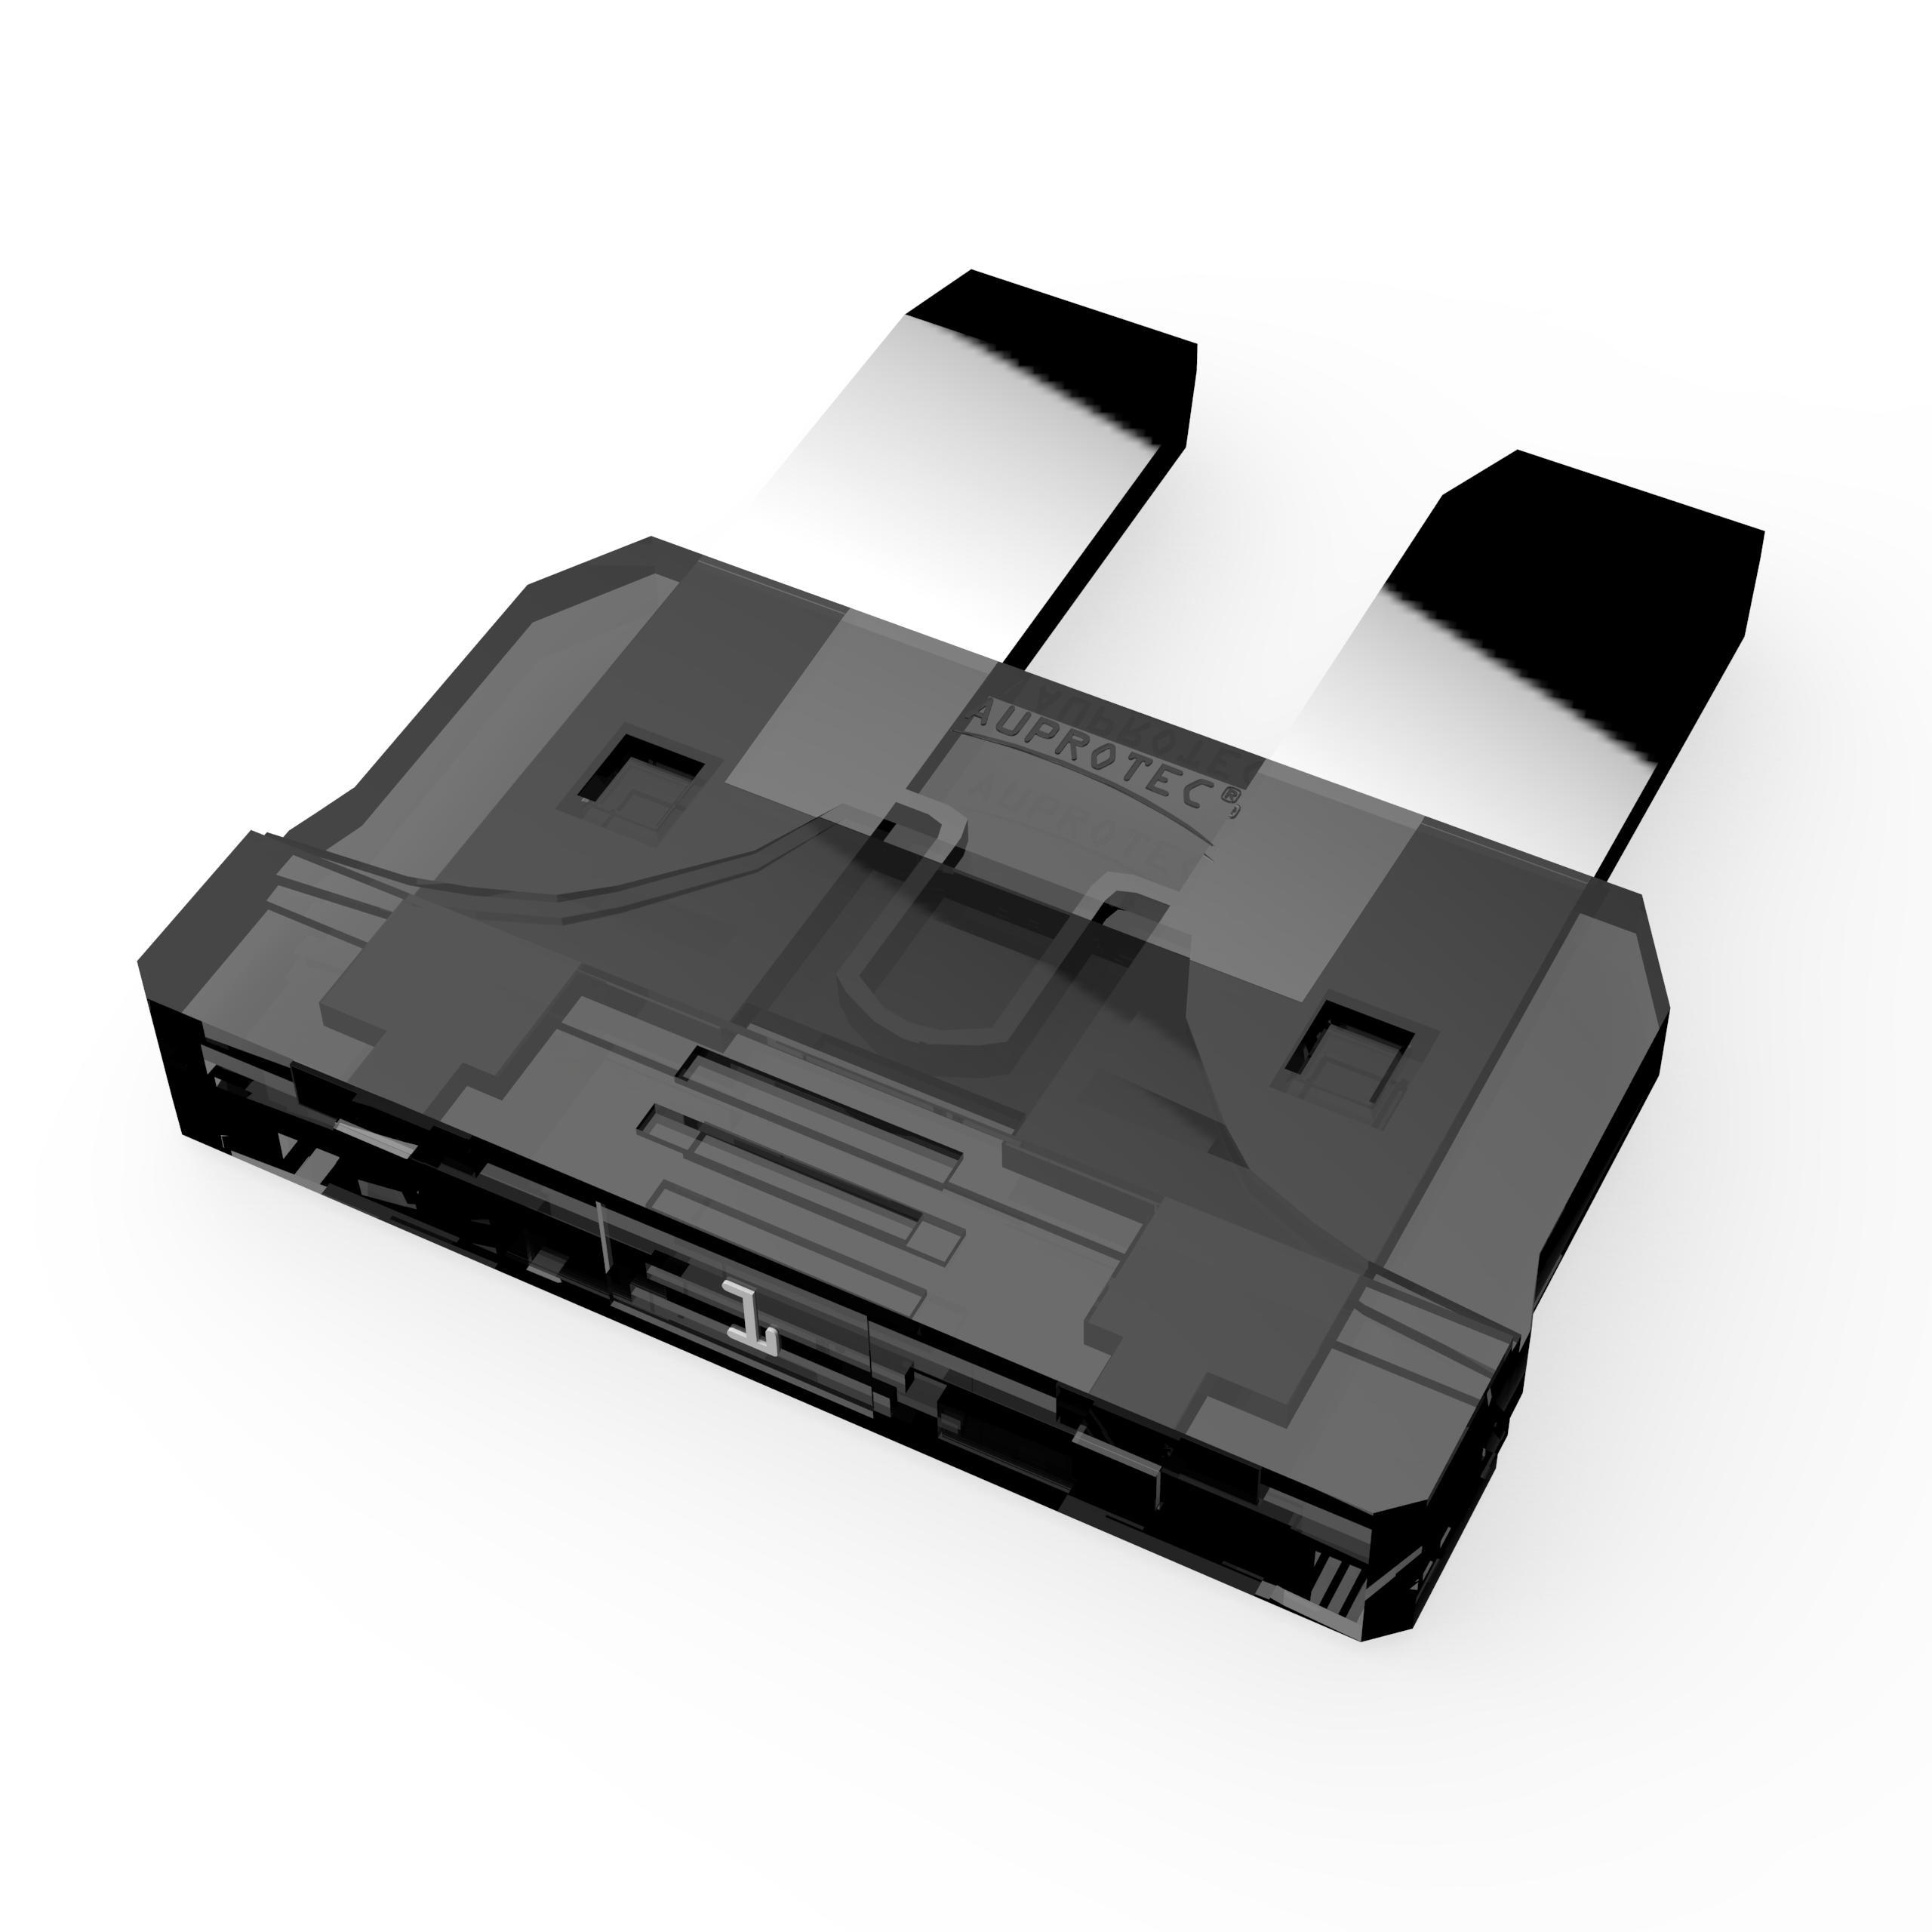 1 St/ück 80A Ampere wei/ß 80A Stecksicherung Schmelzsicherung Auswahl AUPROTEC Maxi Flachstecksicherung 20A